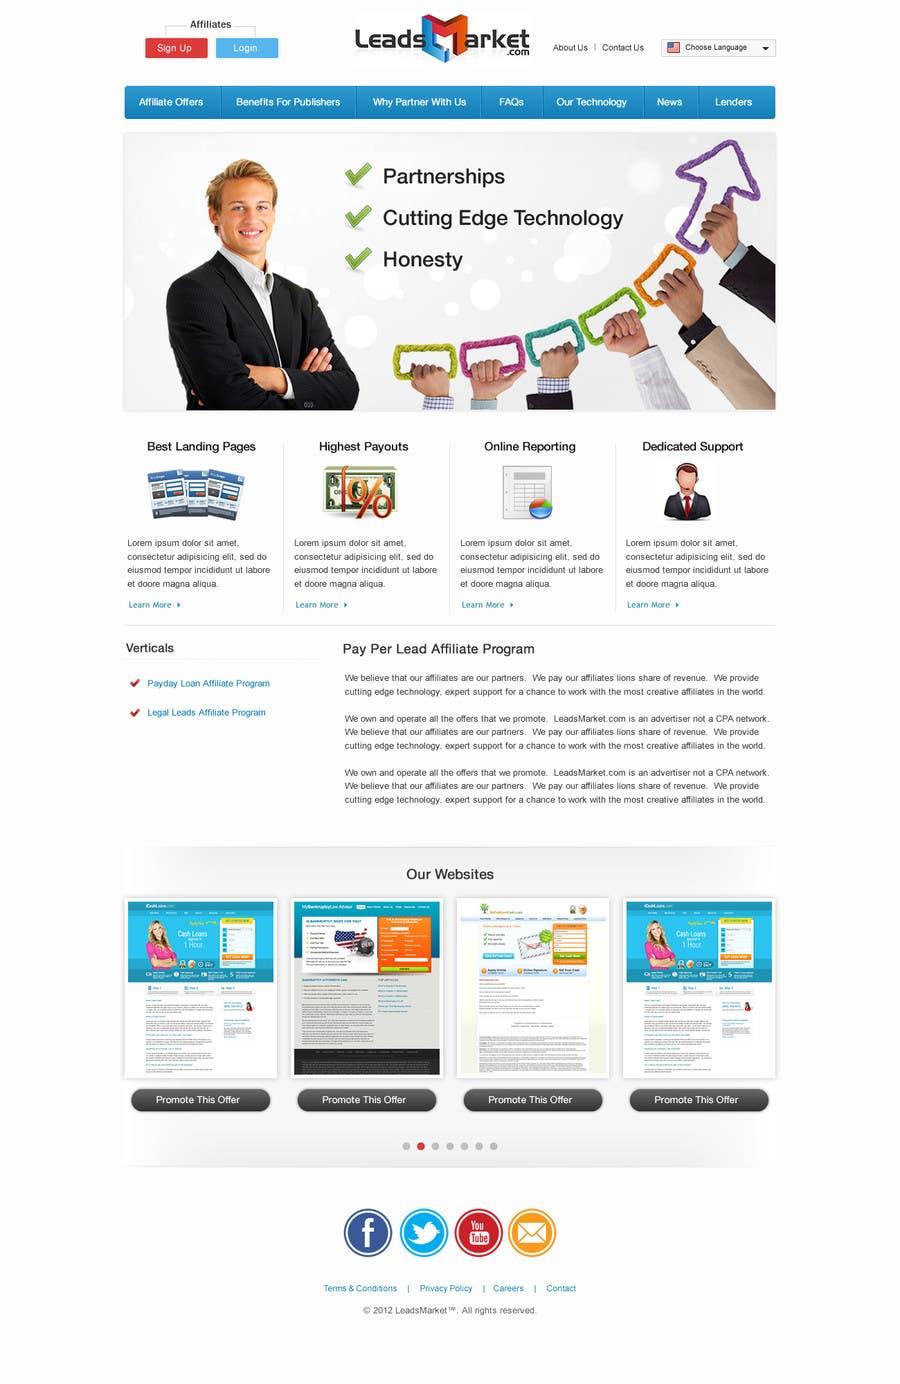 Konkurrenceindlæg #                                        60                                      for                                         Website Design for LeadsMarket.com